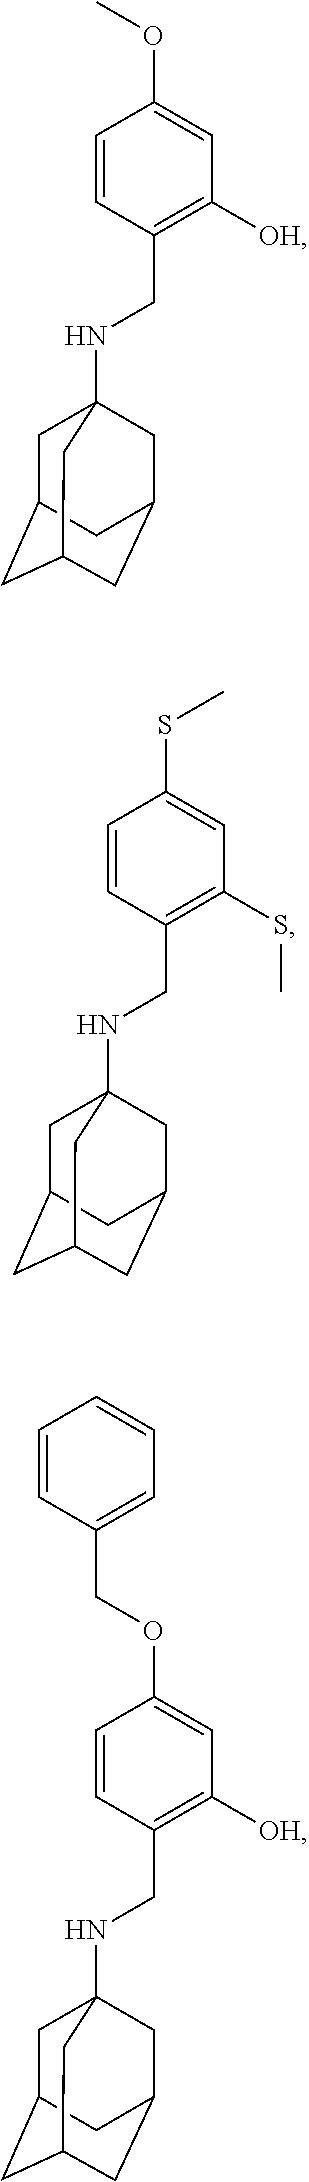 Figure US09884832-20180206-C00116